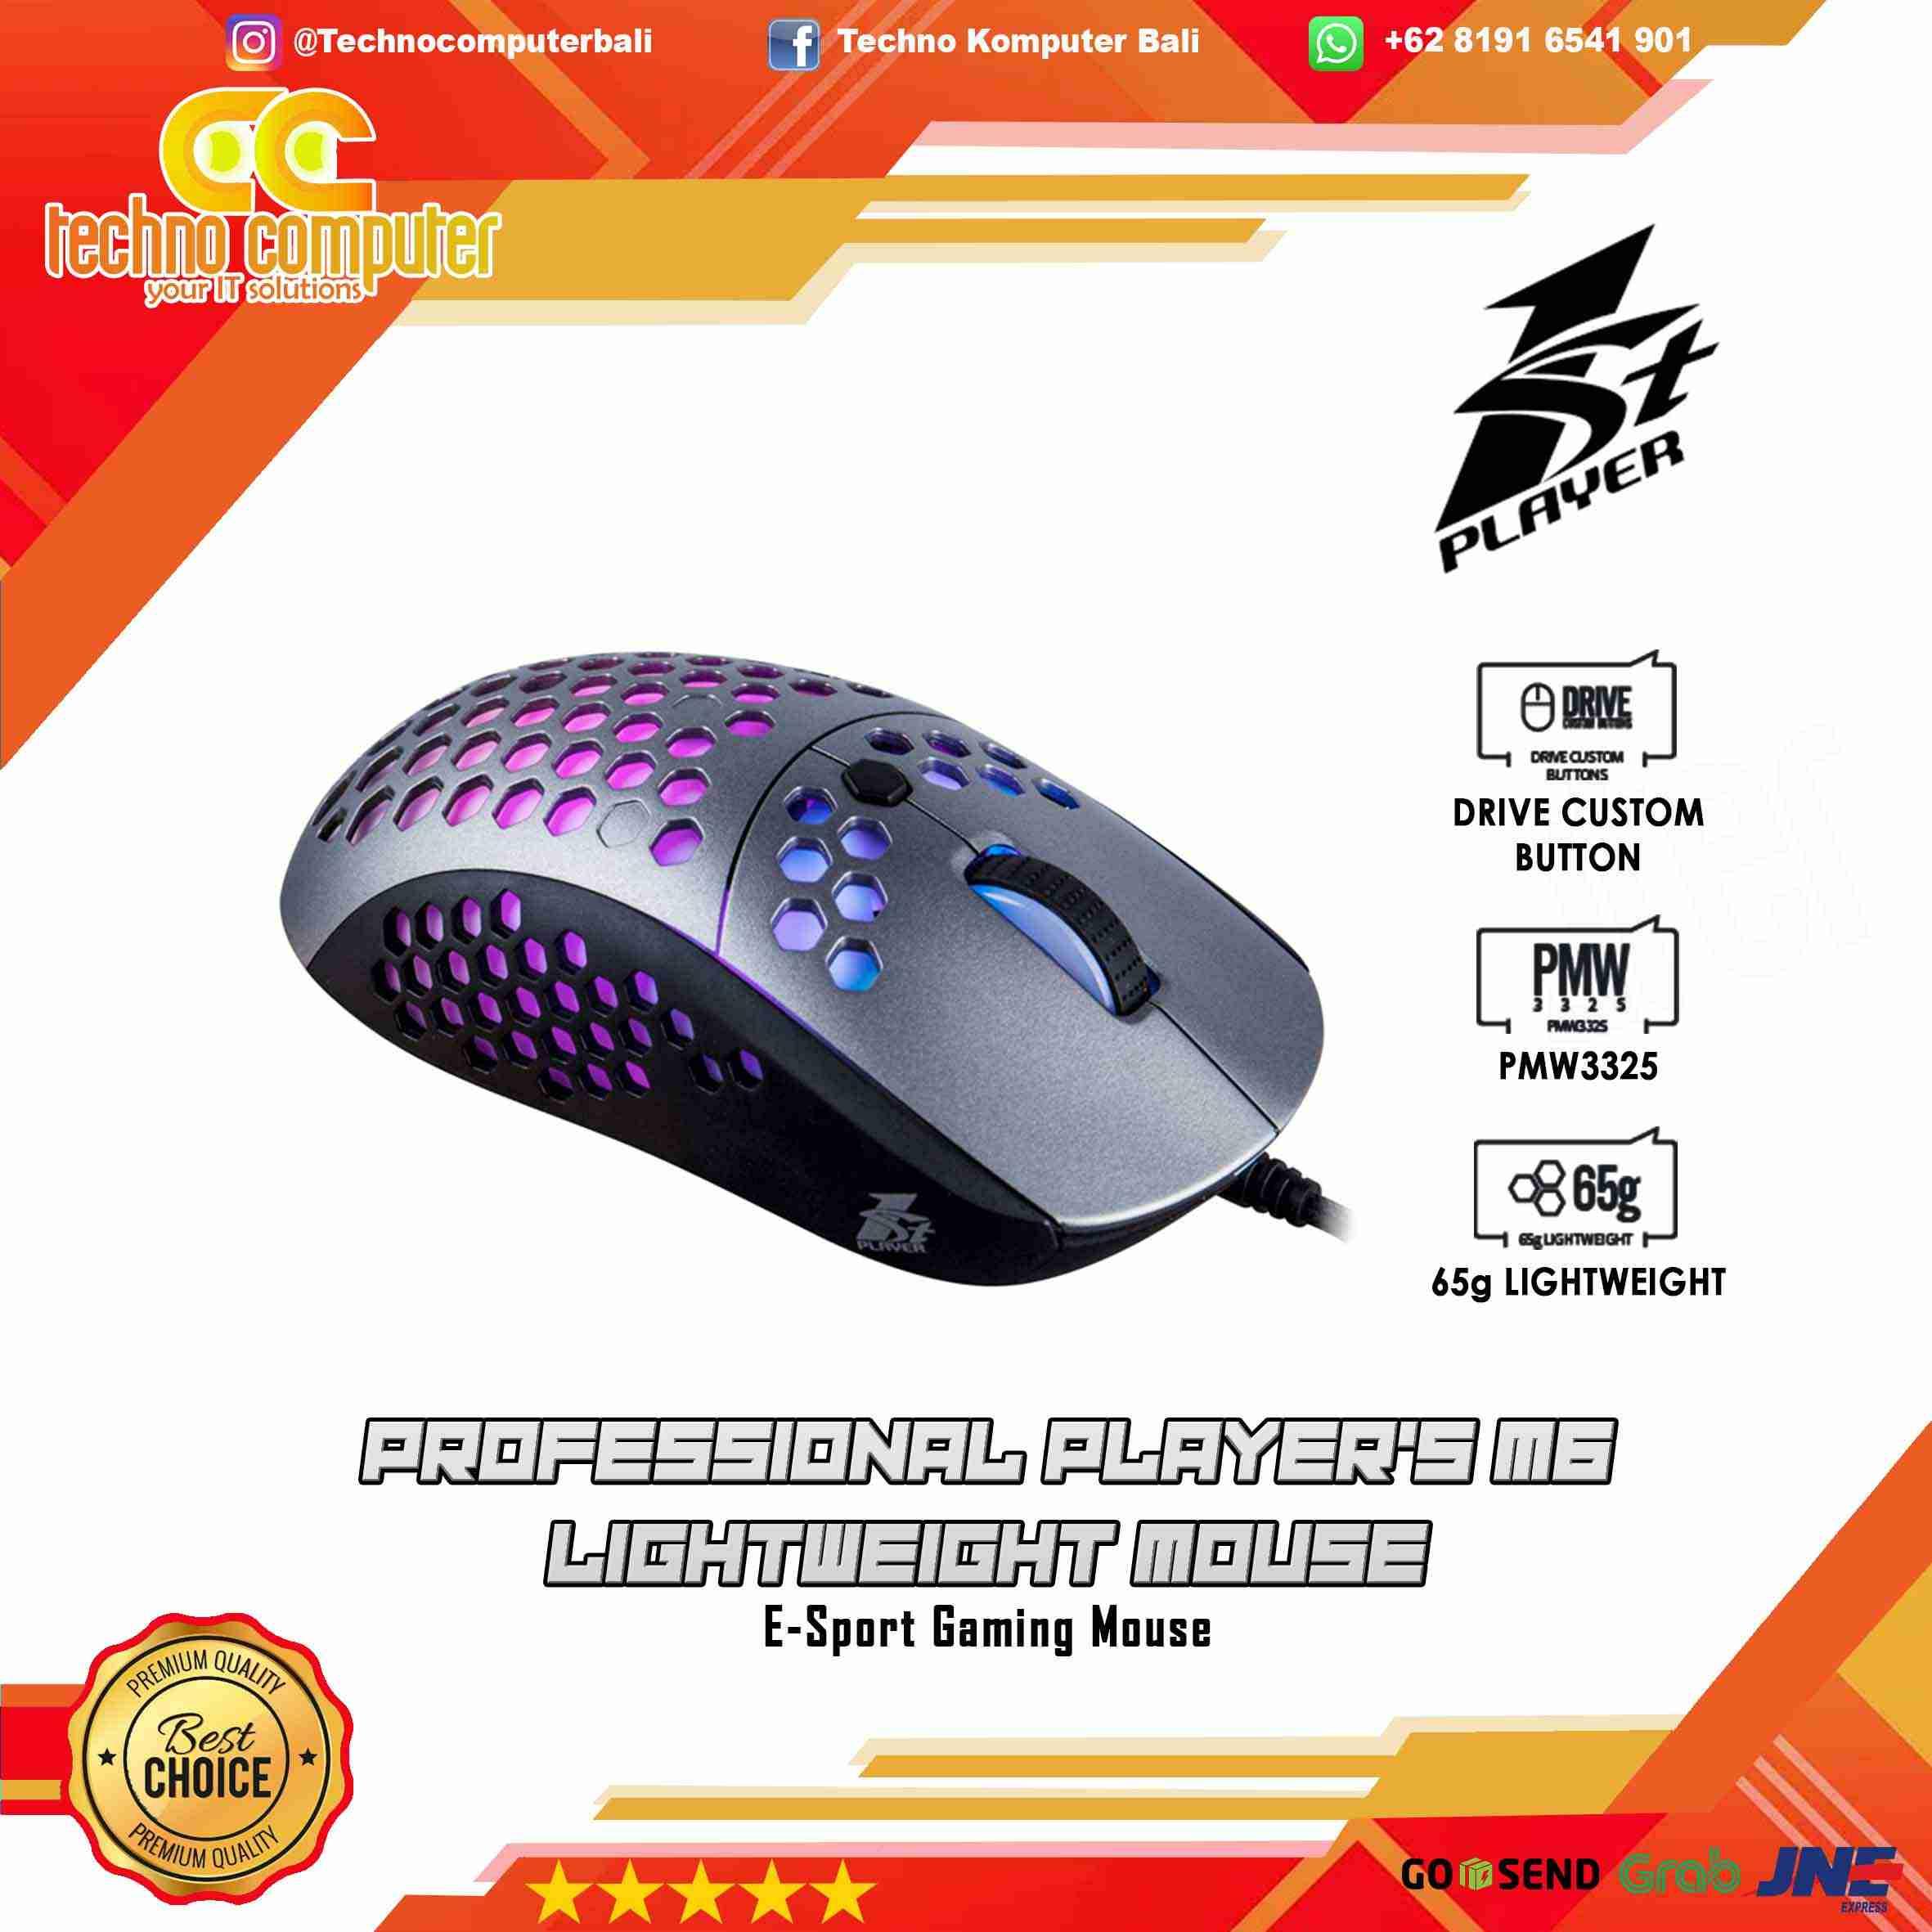 Mouse GAMING 1stPLAYER FIREBASE M6